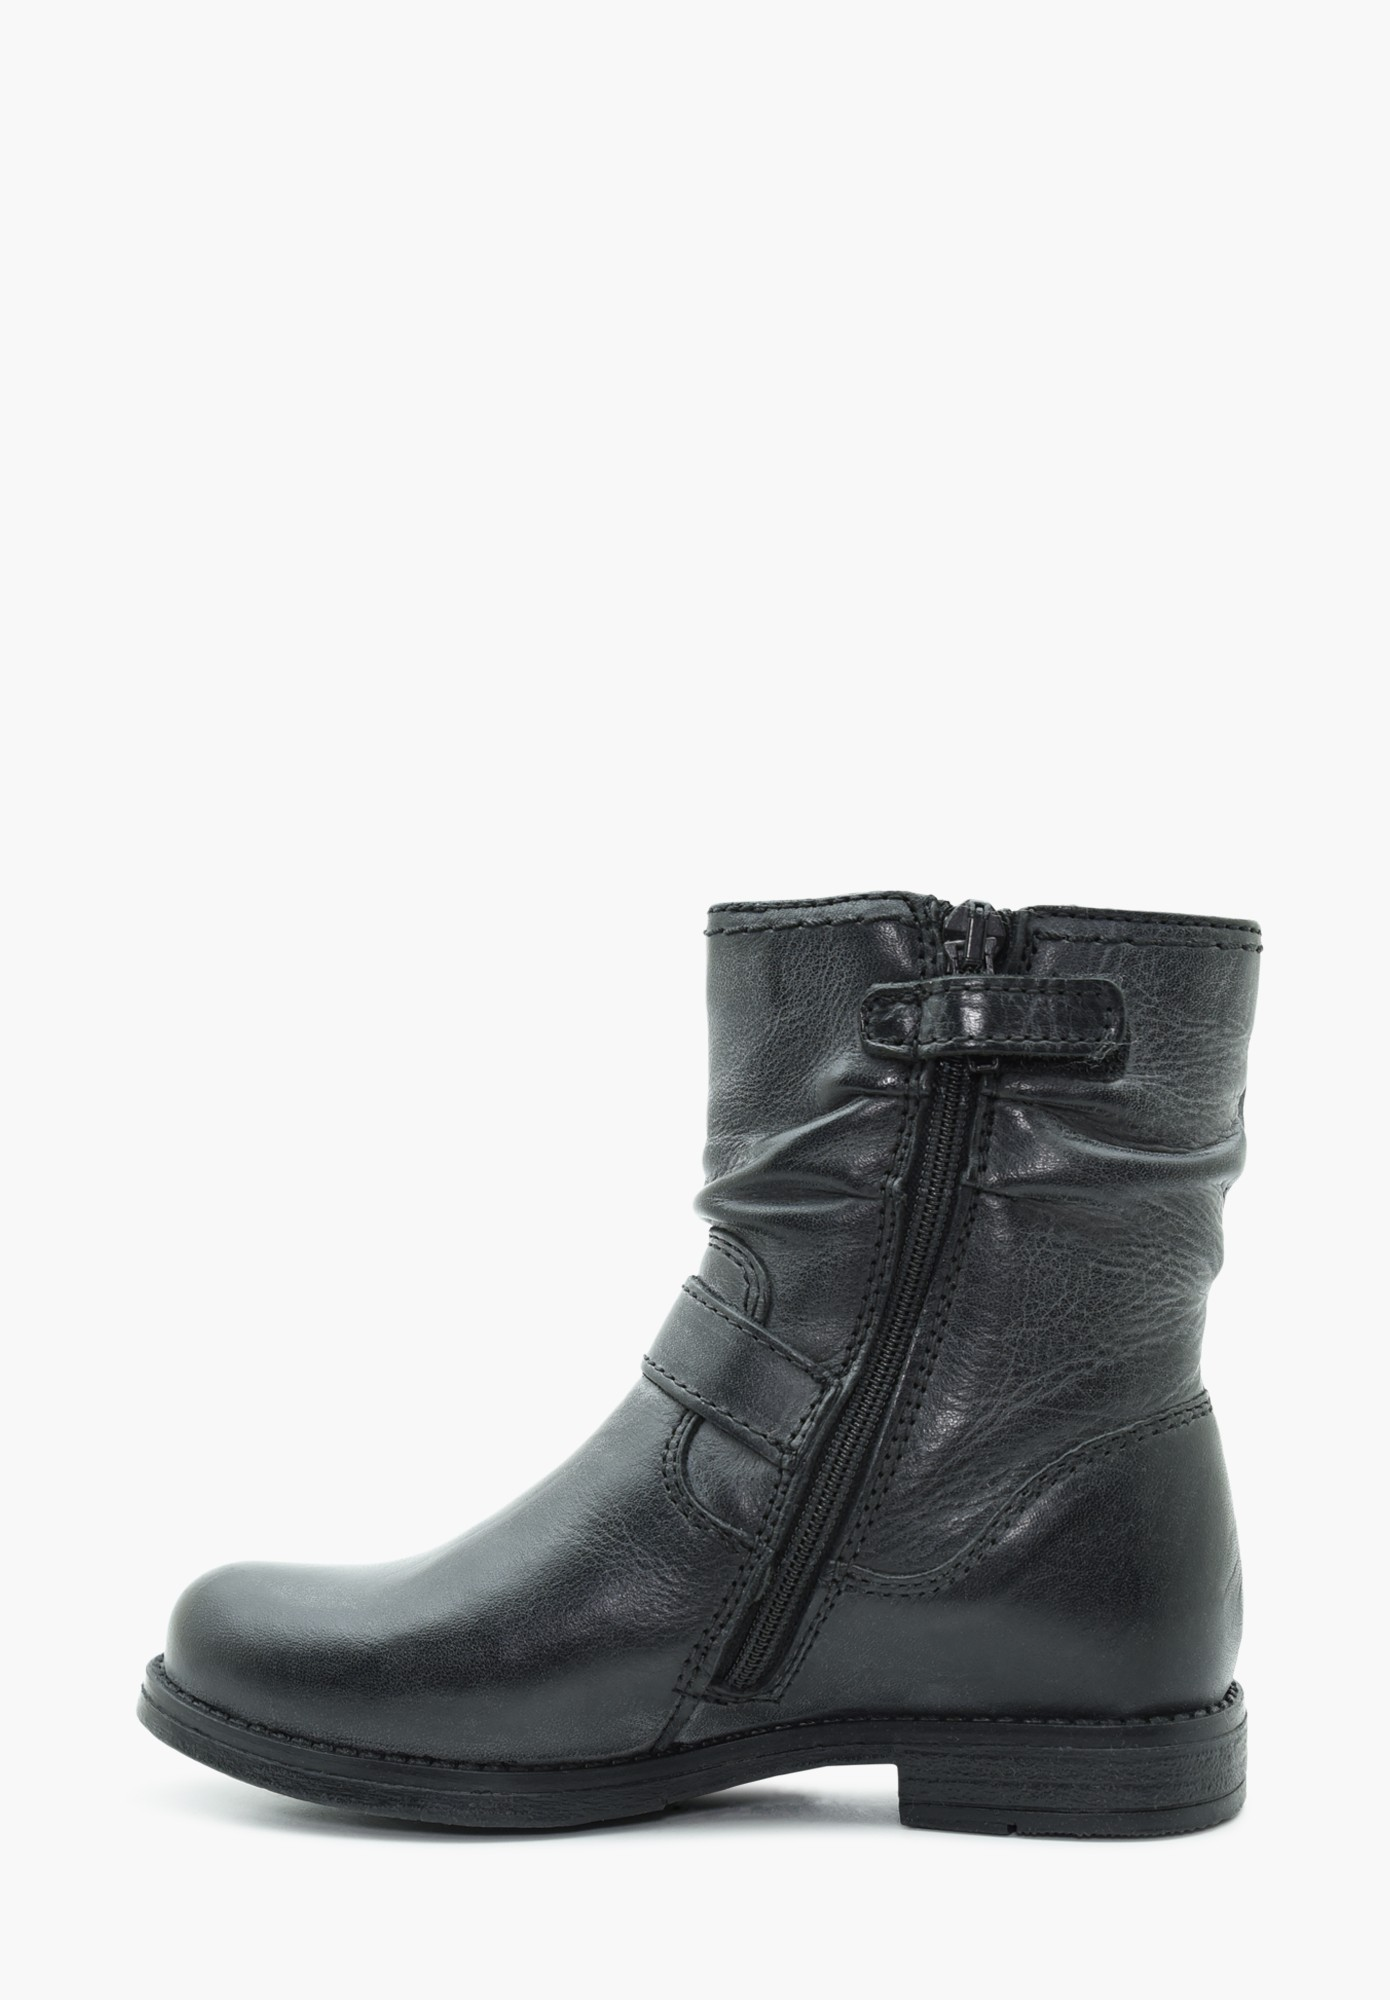 Kinder Mädchen Leder Stiefel Hohe Schuhe Parpan Schwarz